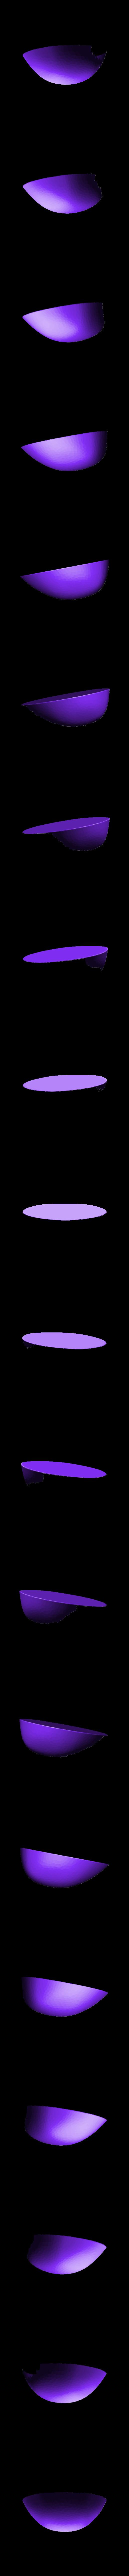 Nose_Black.stl Télécharger fichier STL gratuit Porte-stylo Hérisson Multi-Couleurs Hérisson • Modèle pour impression 3D, MosaicManufacturing